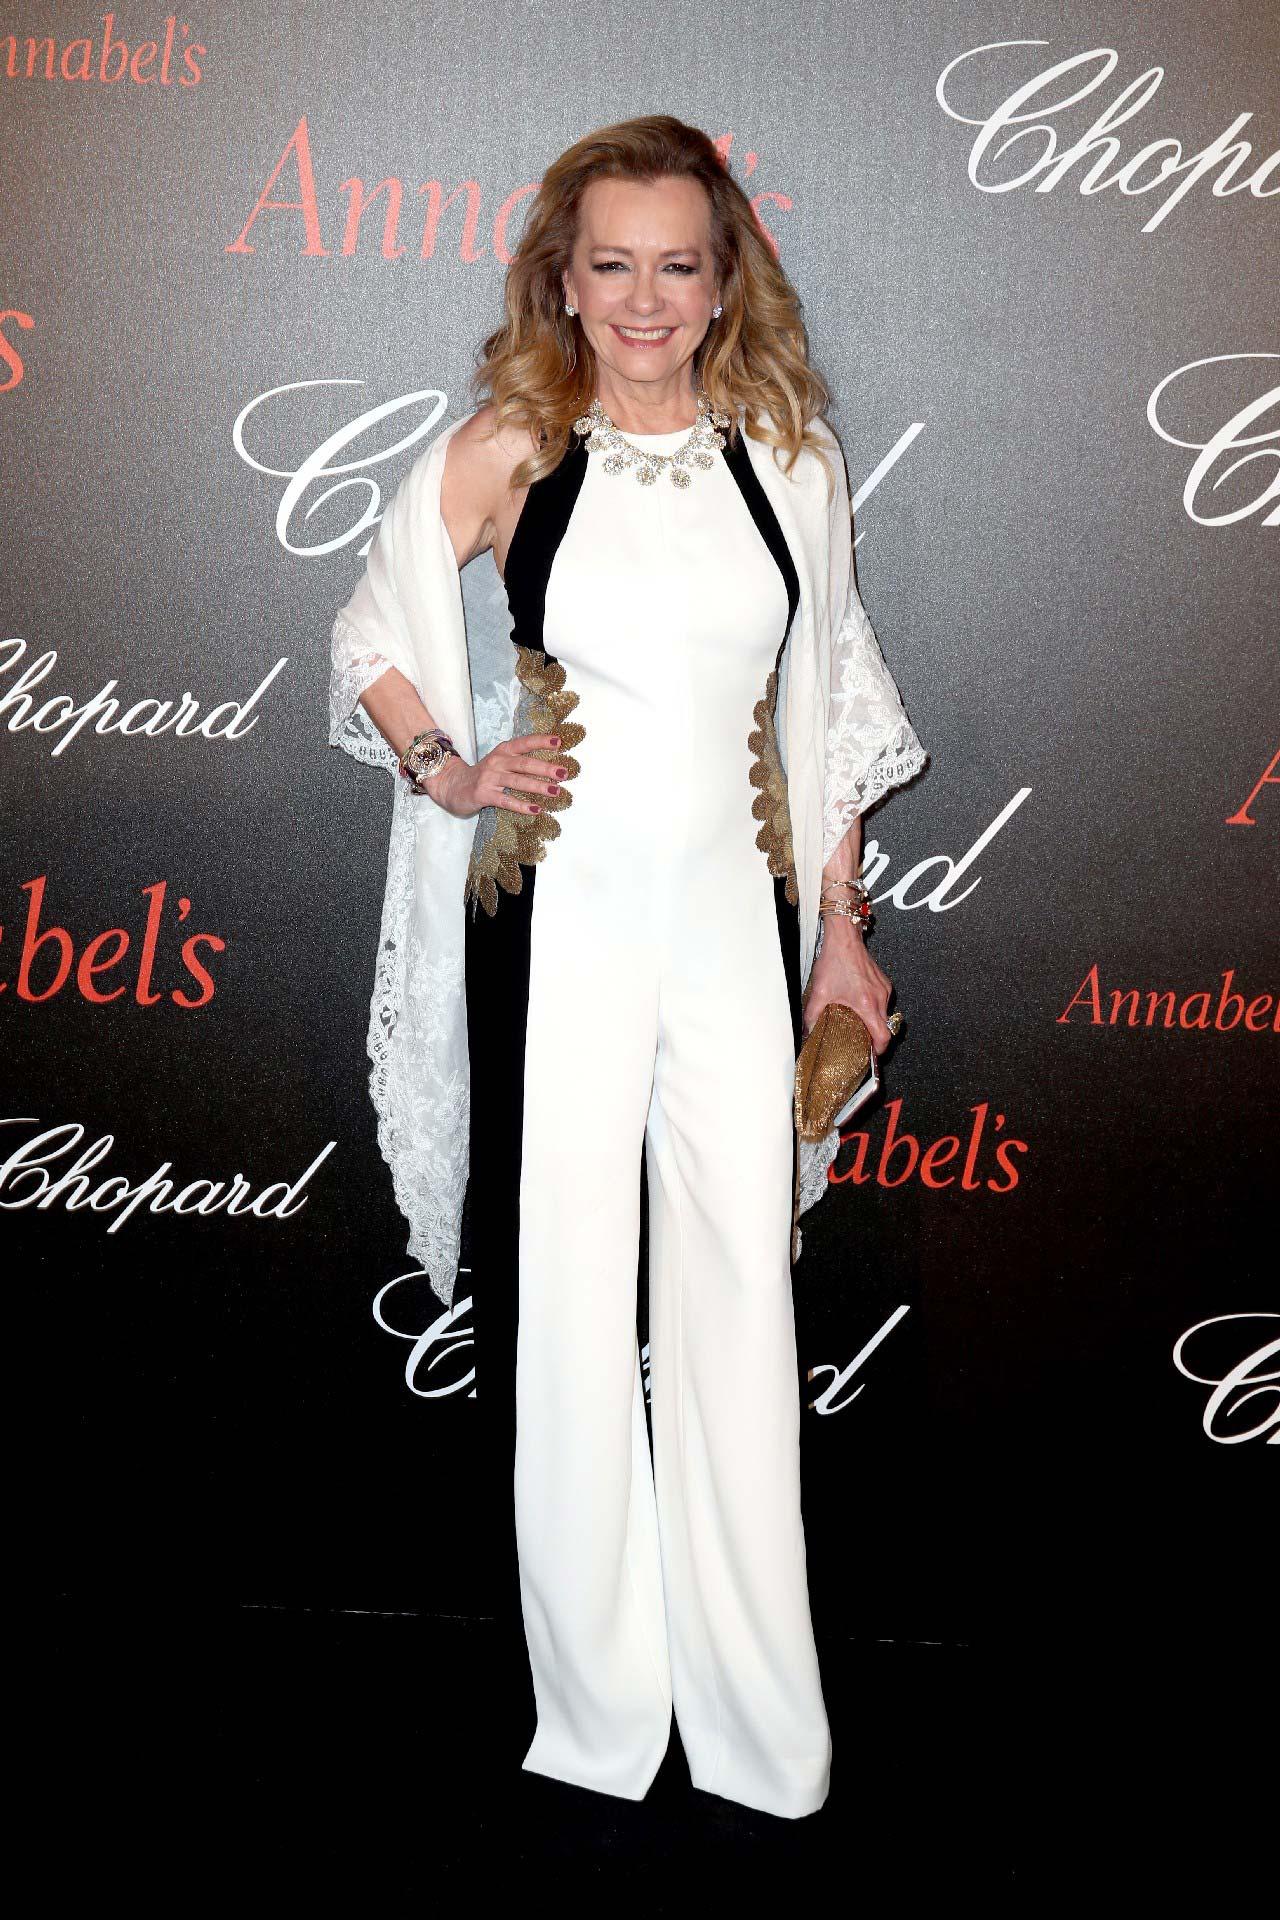 Cannes 2017 - Day 8 - Chopard & Annabel's Gentleman Evening - Chopard Co-President & Creative Director Caroline Scheufele